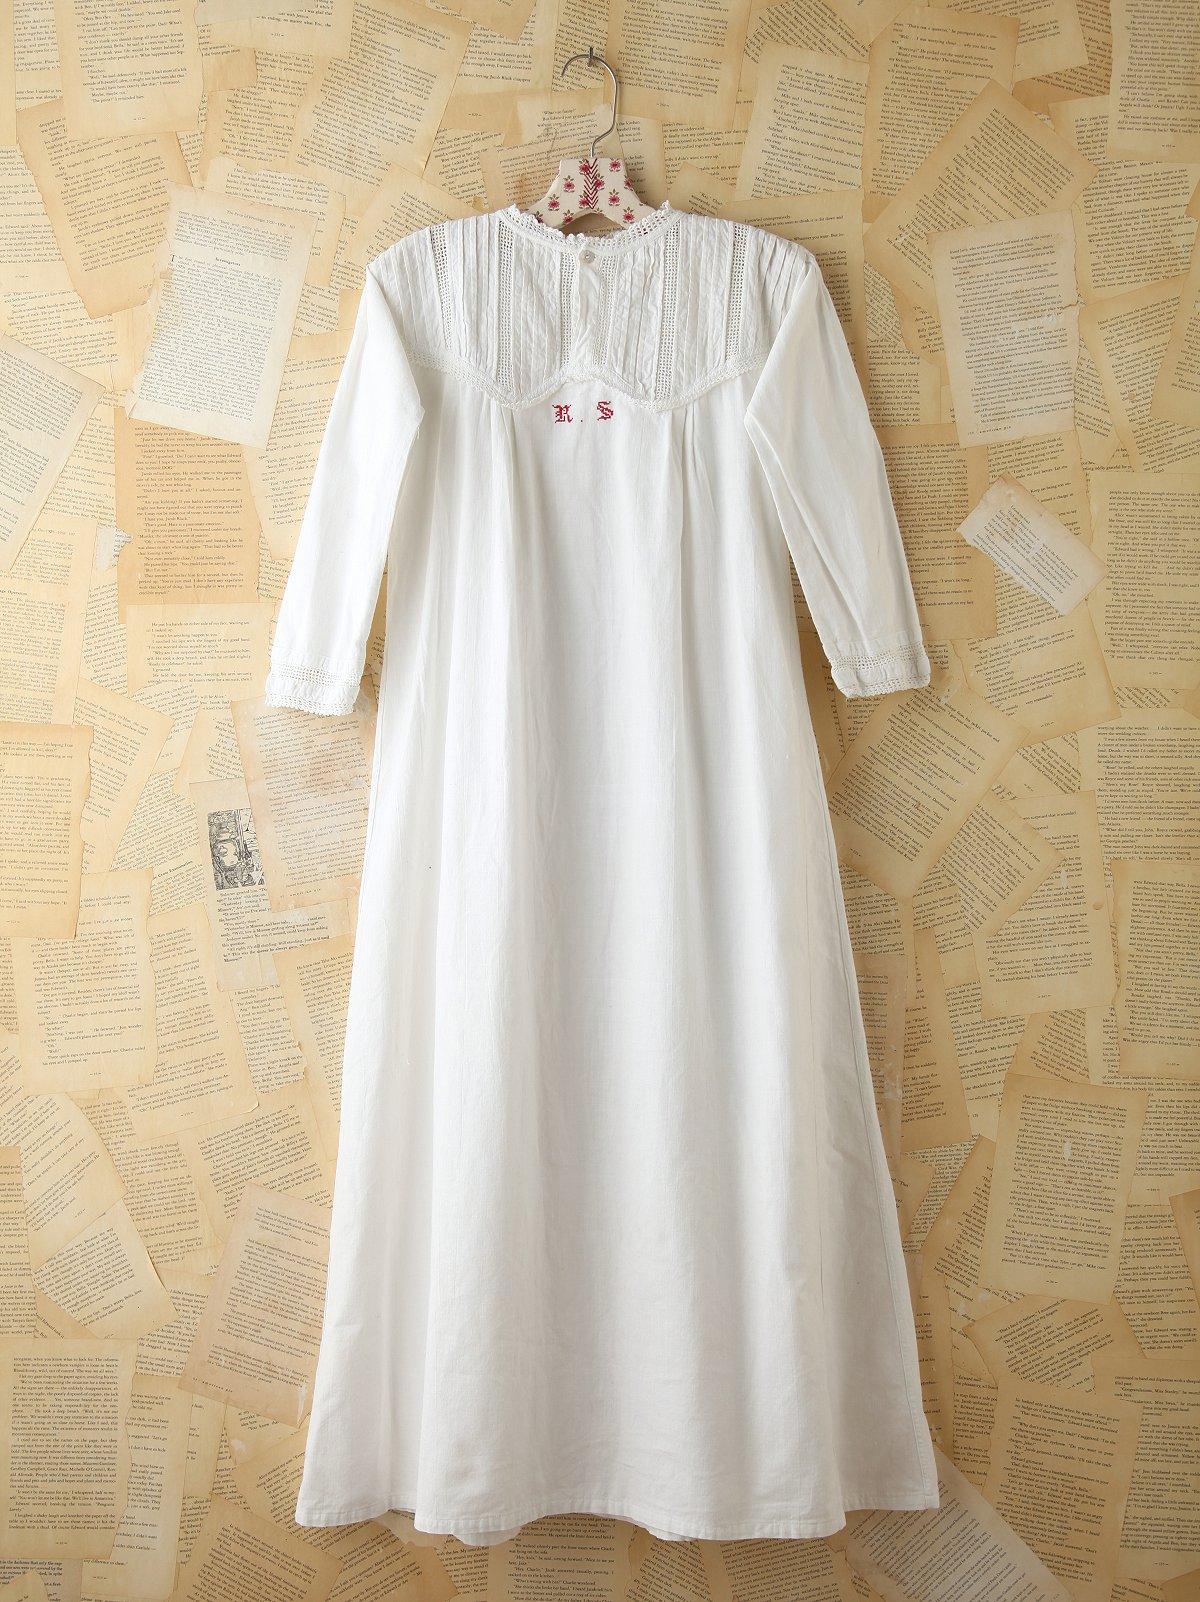 Vintage Monogrammed Dress